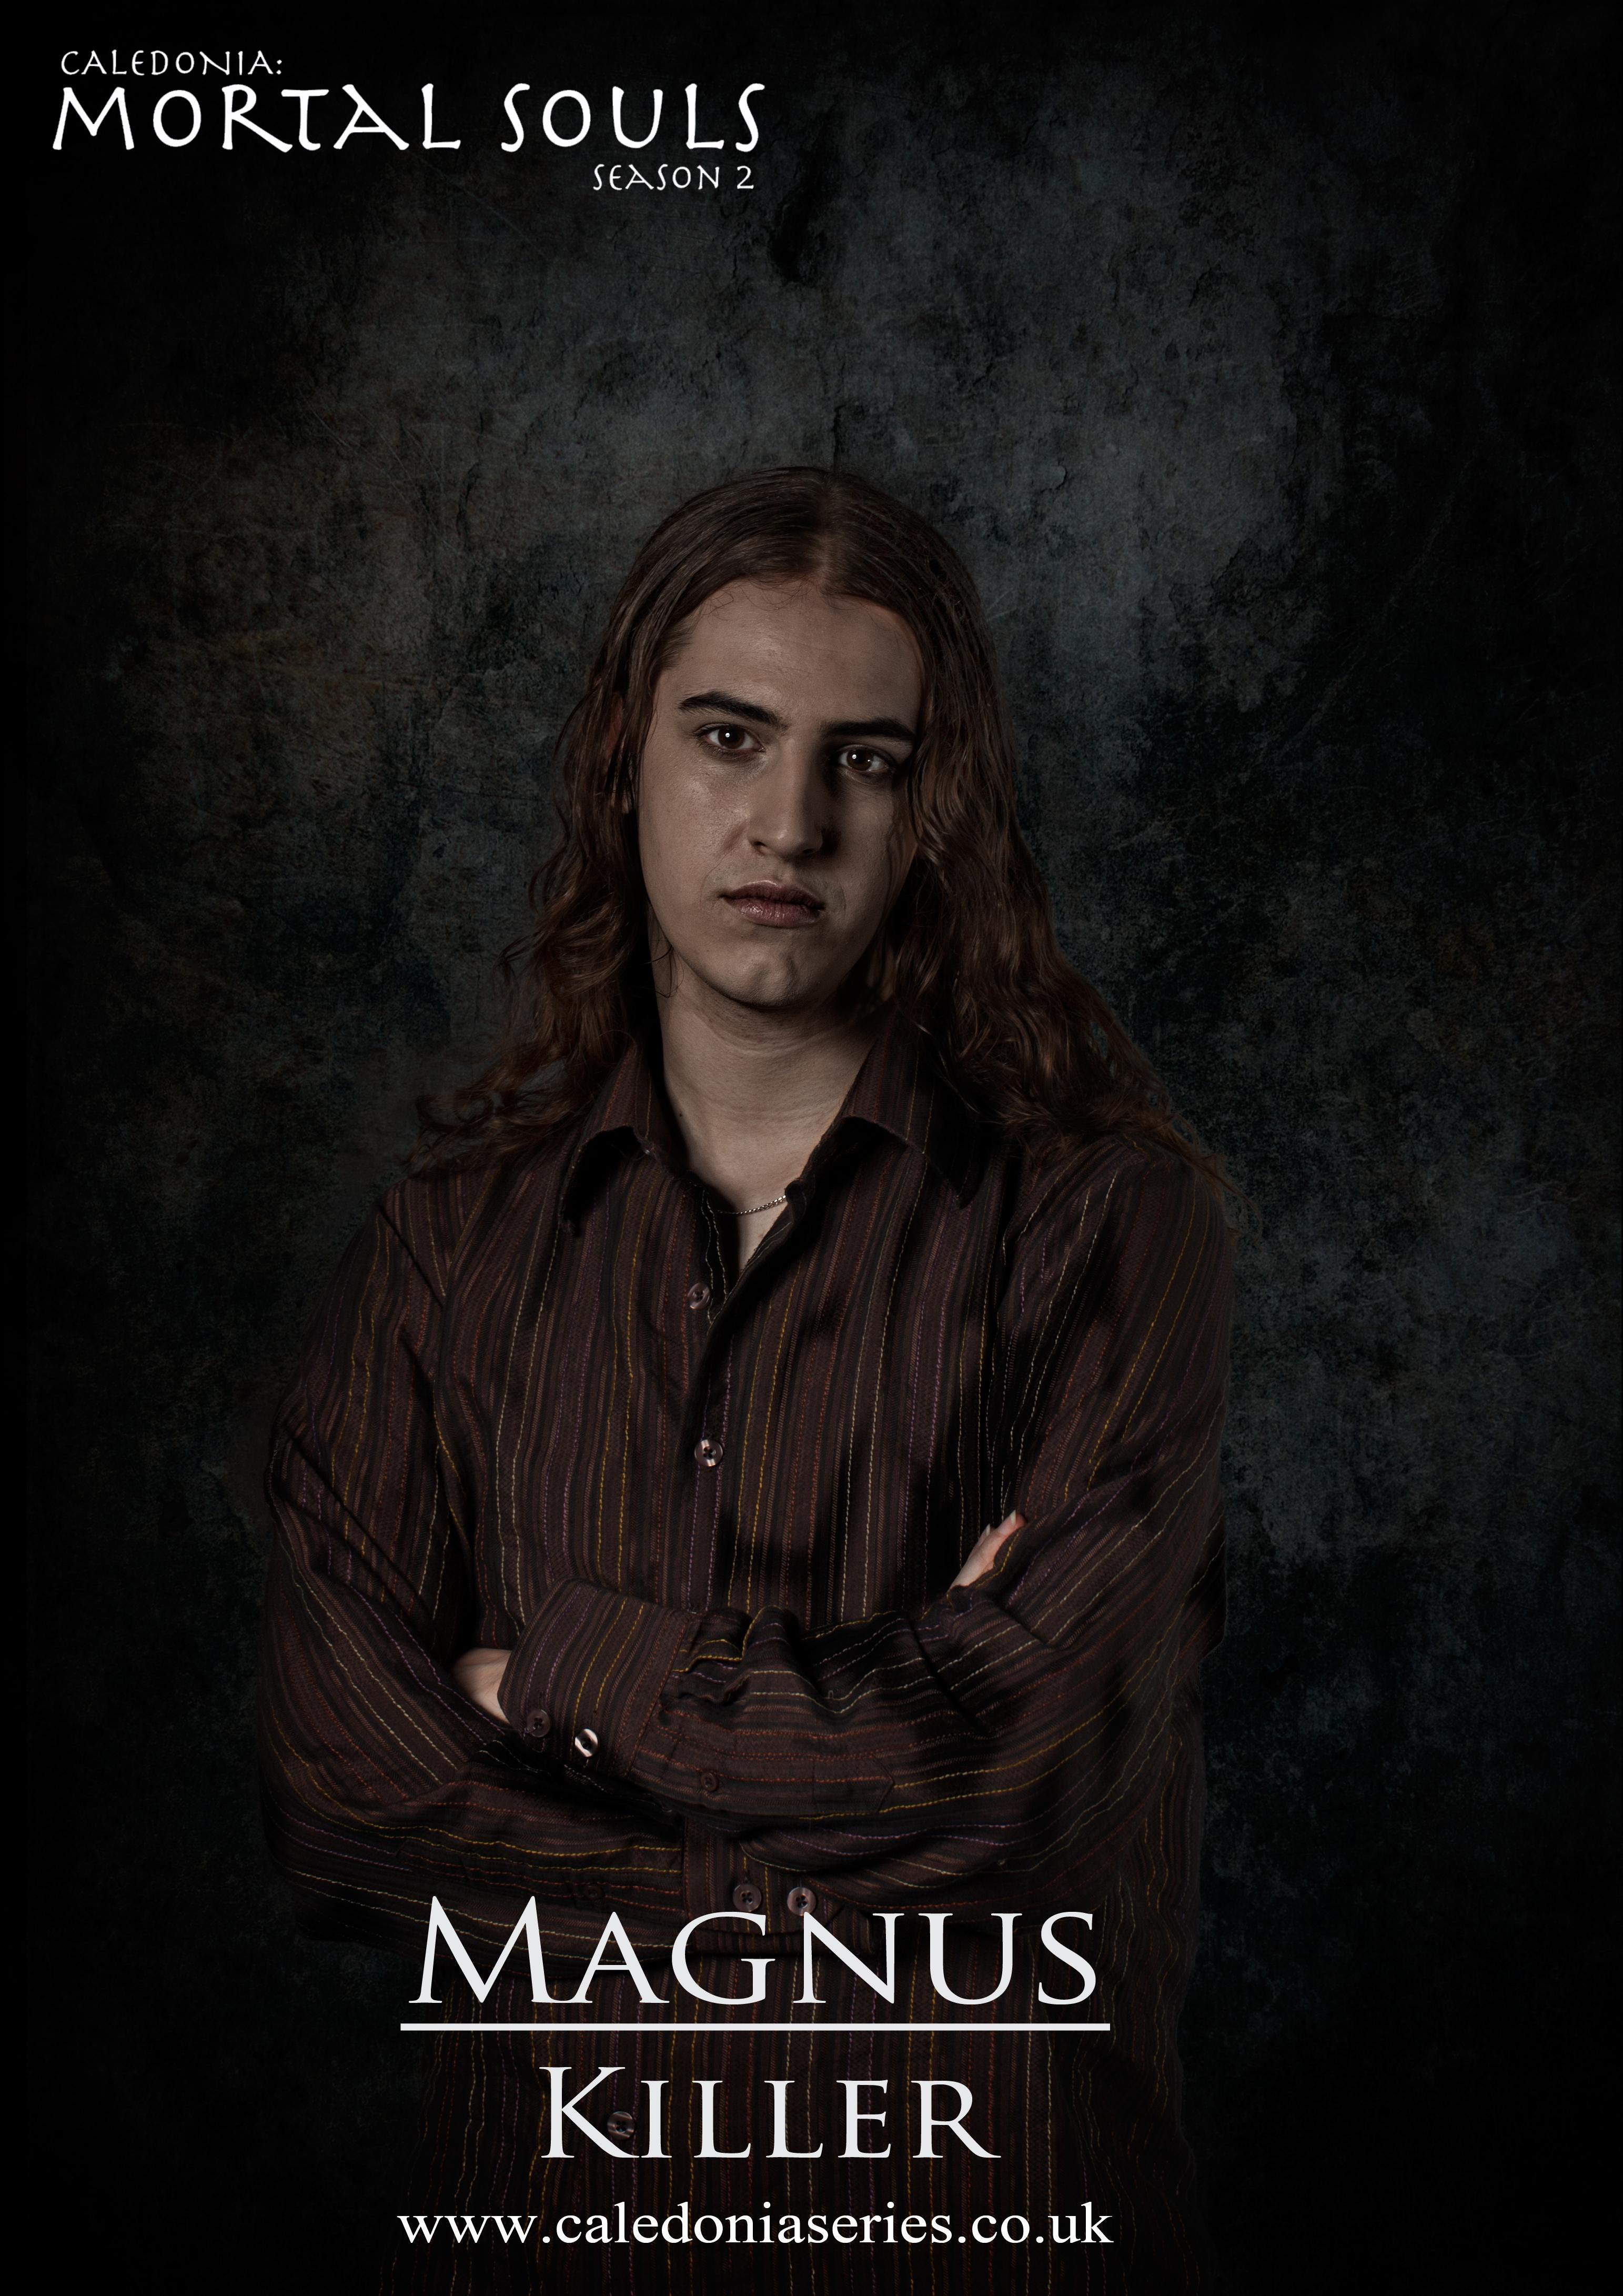 Magnus Poster.jpg